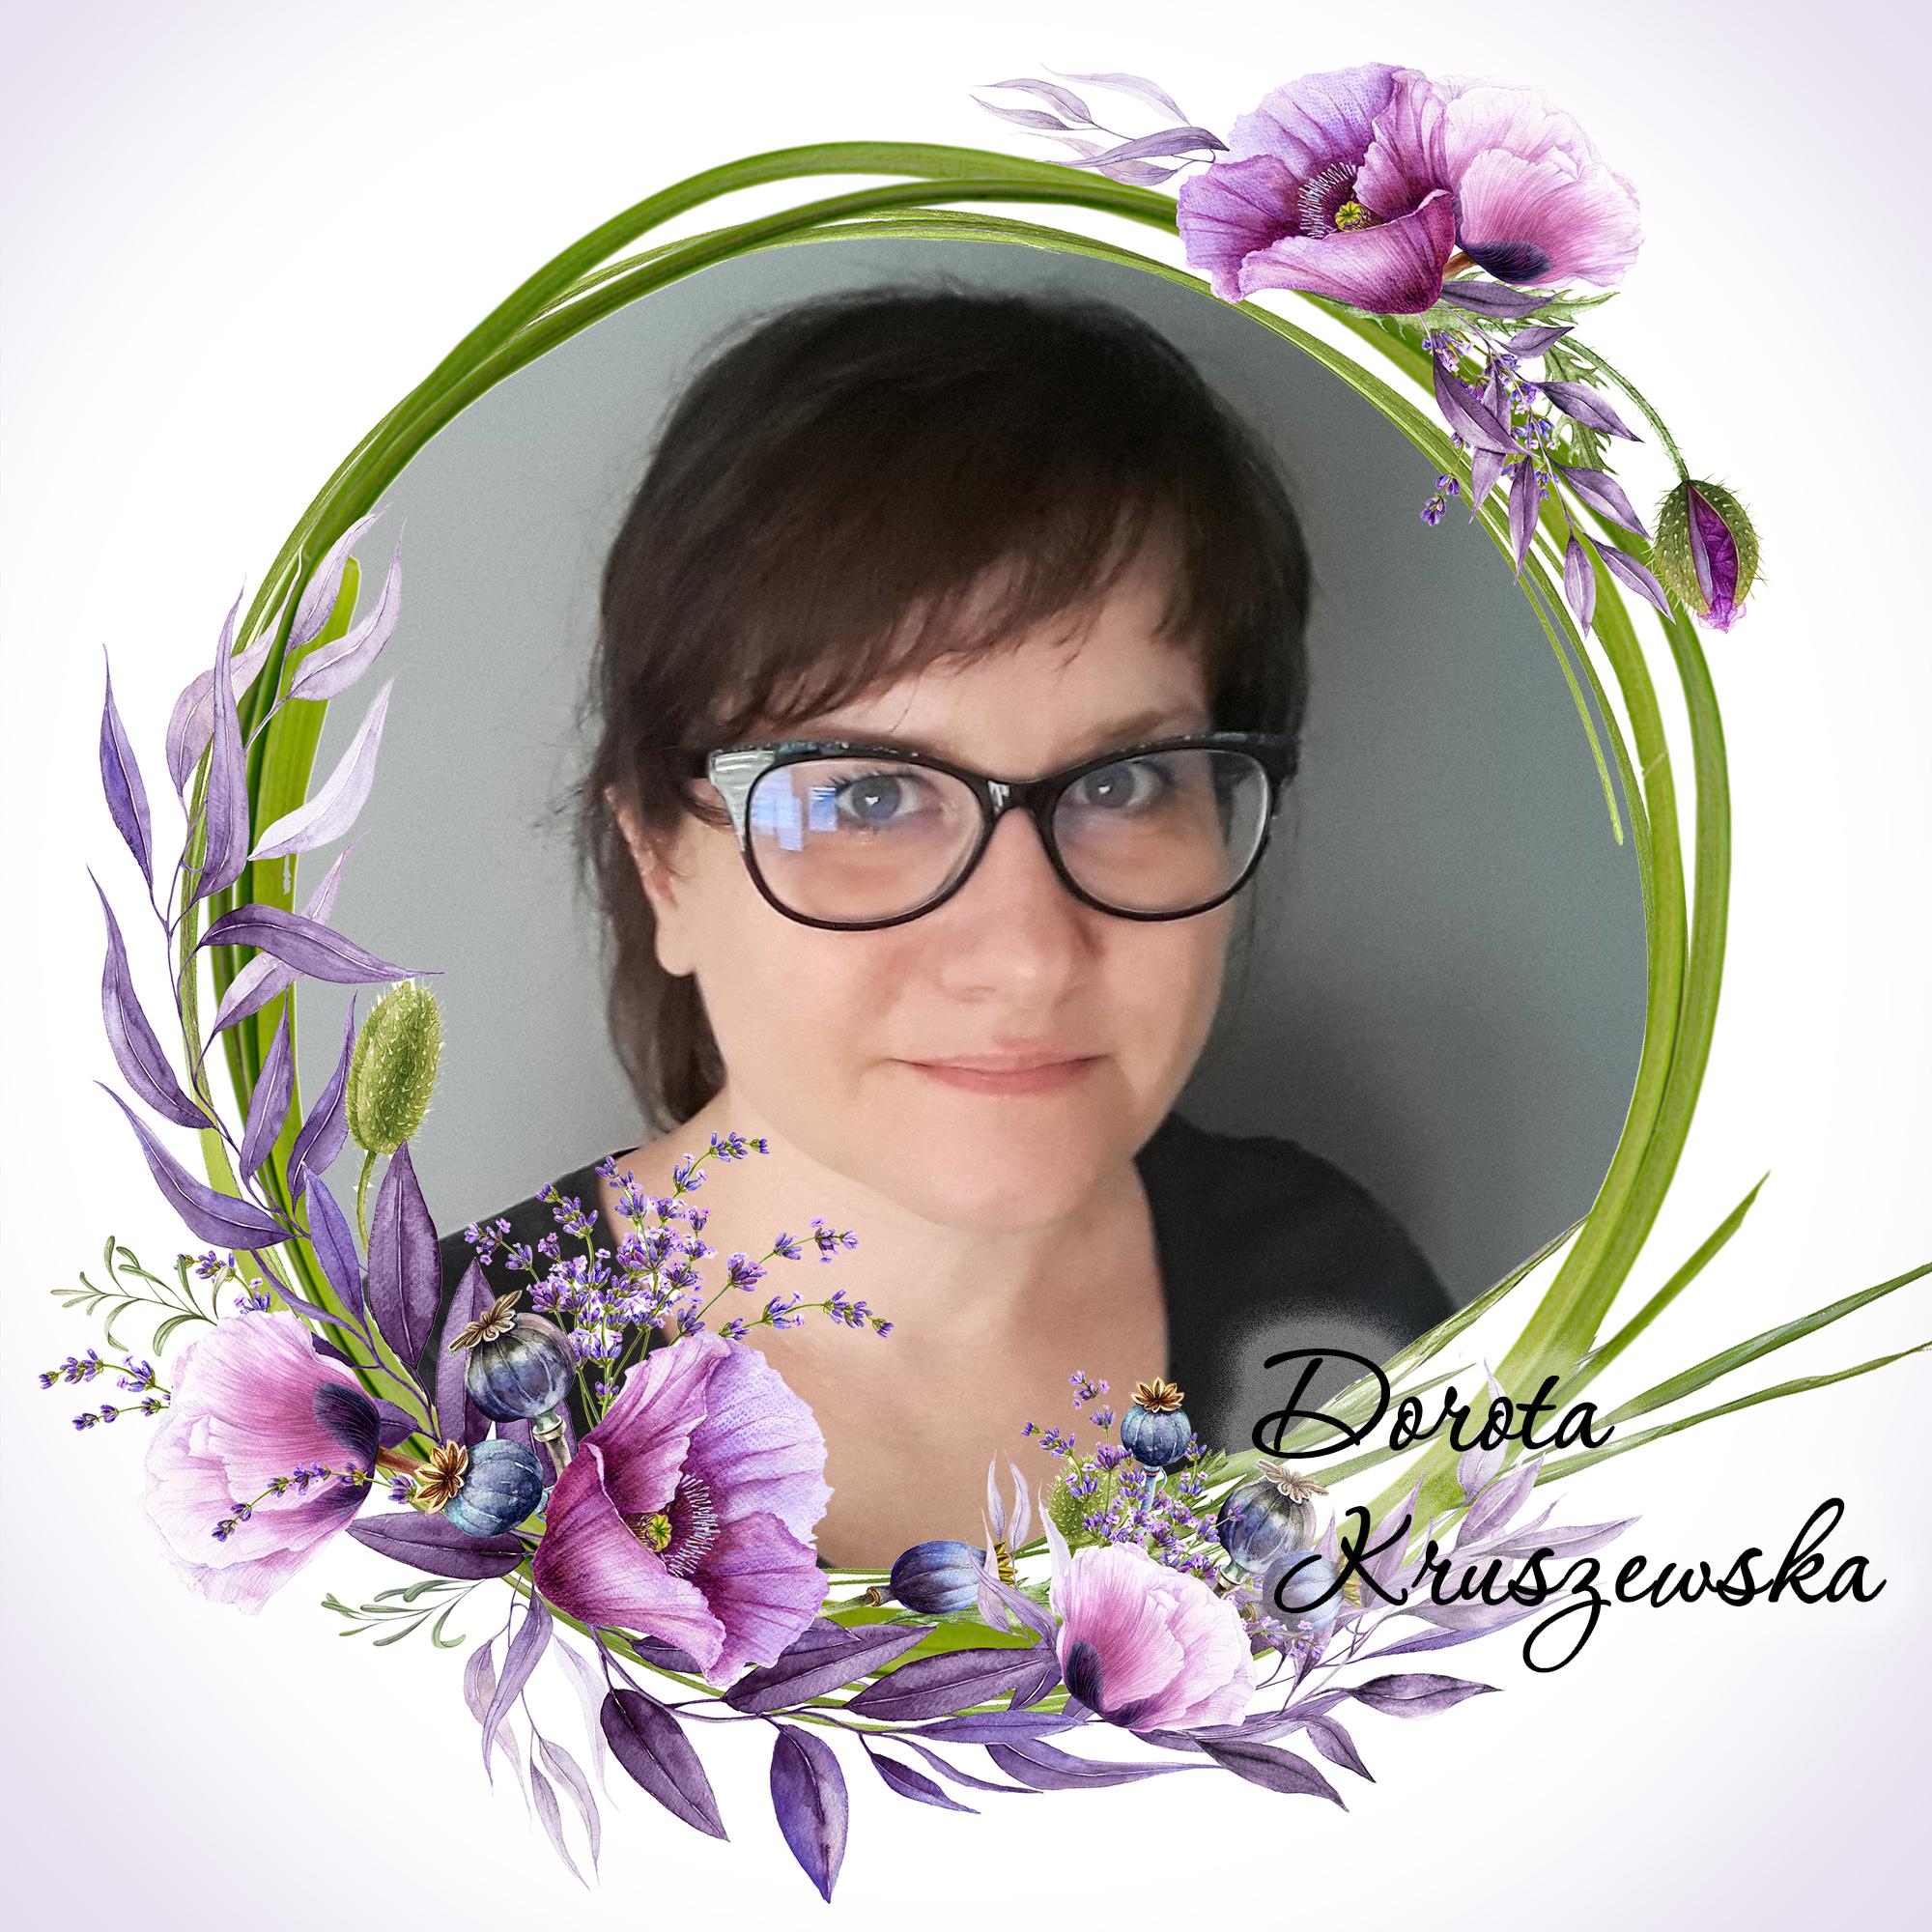 Дорота Крушевска